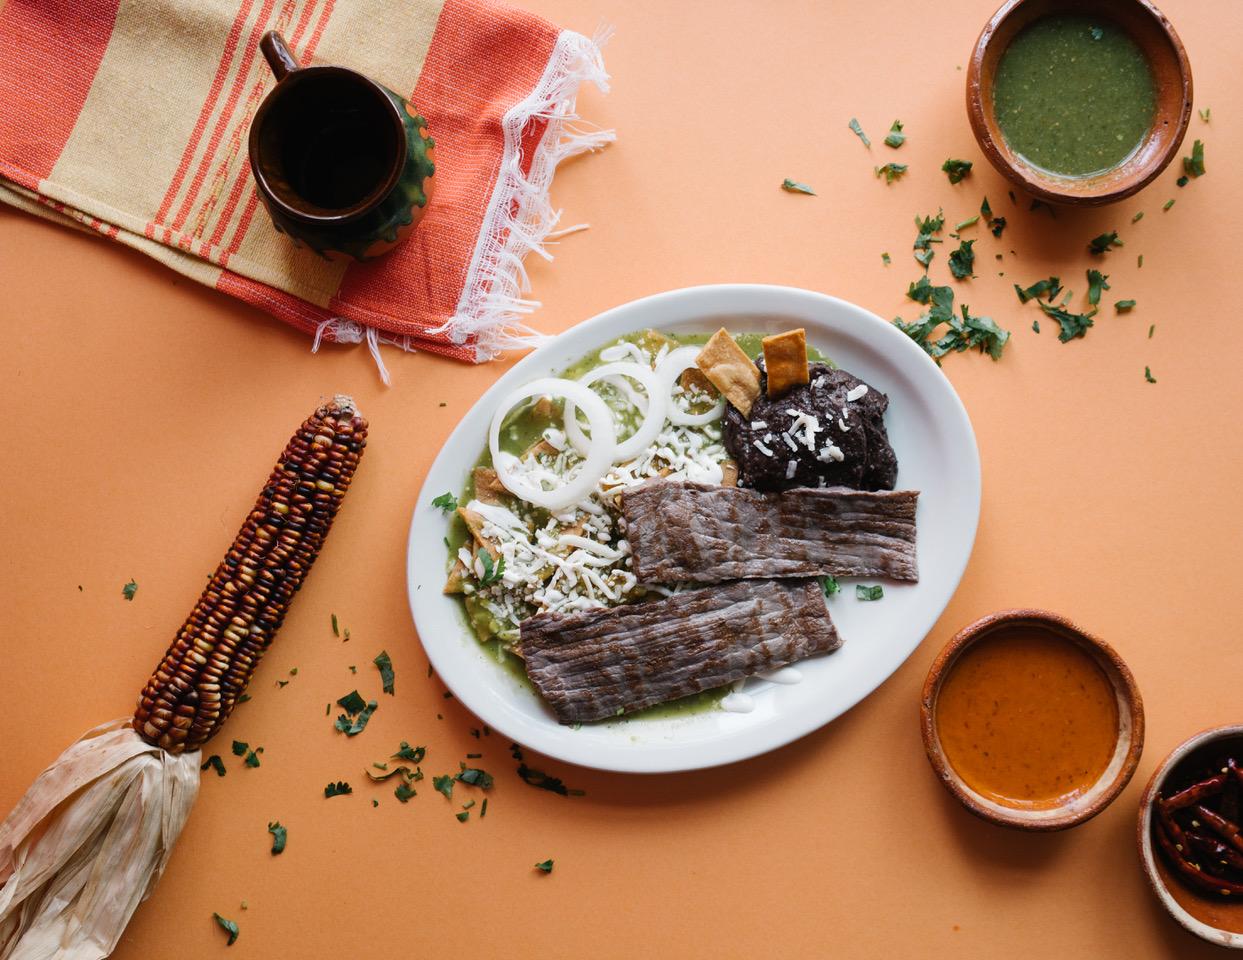 Le populaire Tacos Frida ouvre une deuxième succursale !